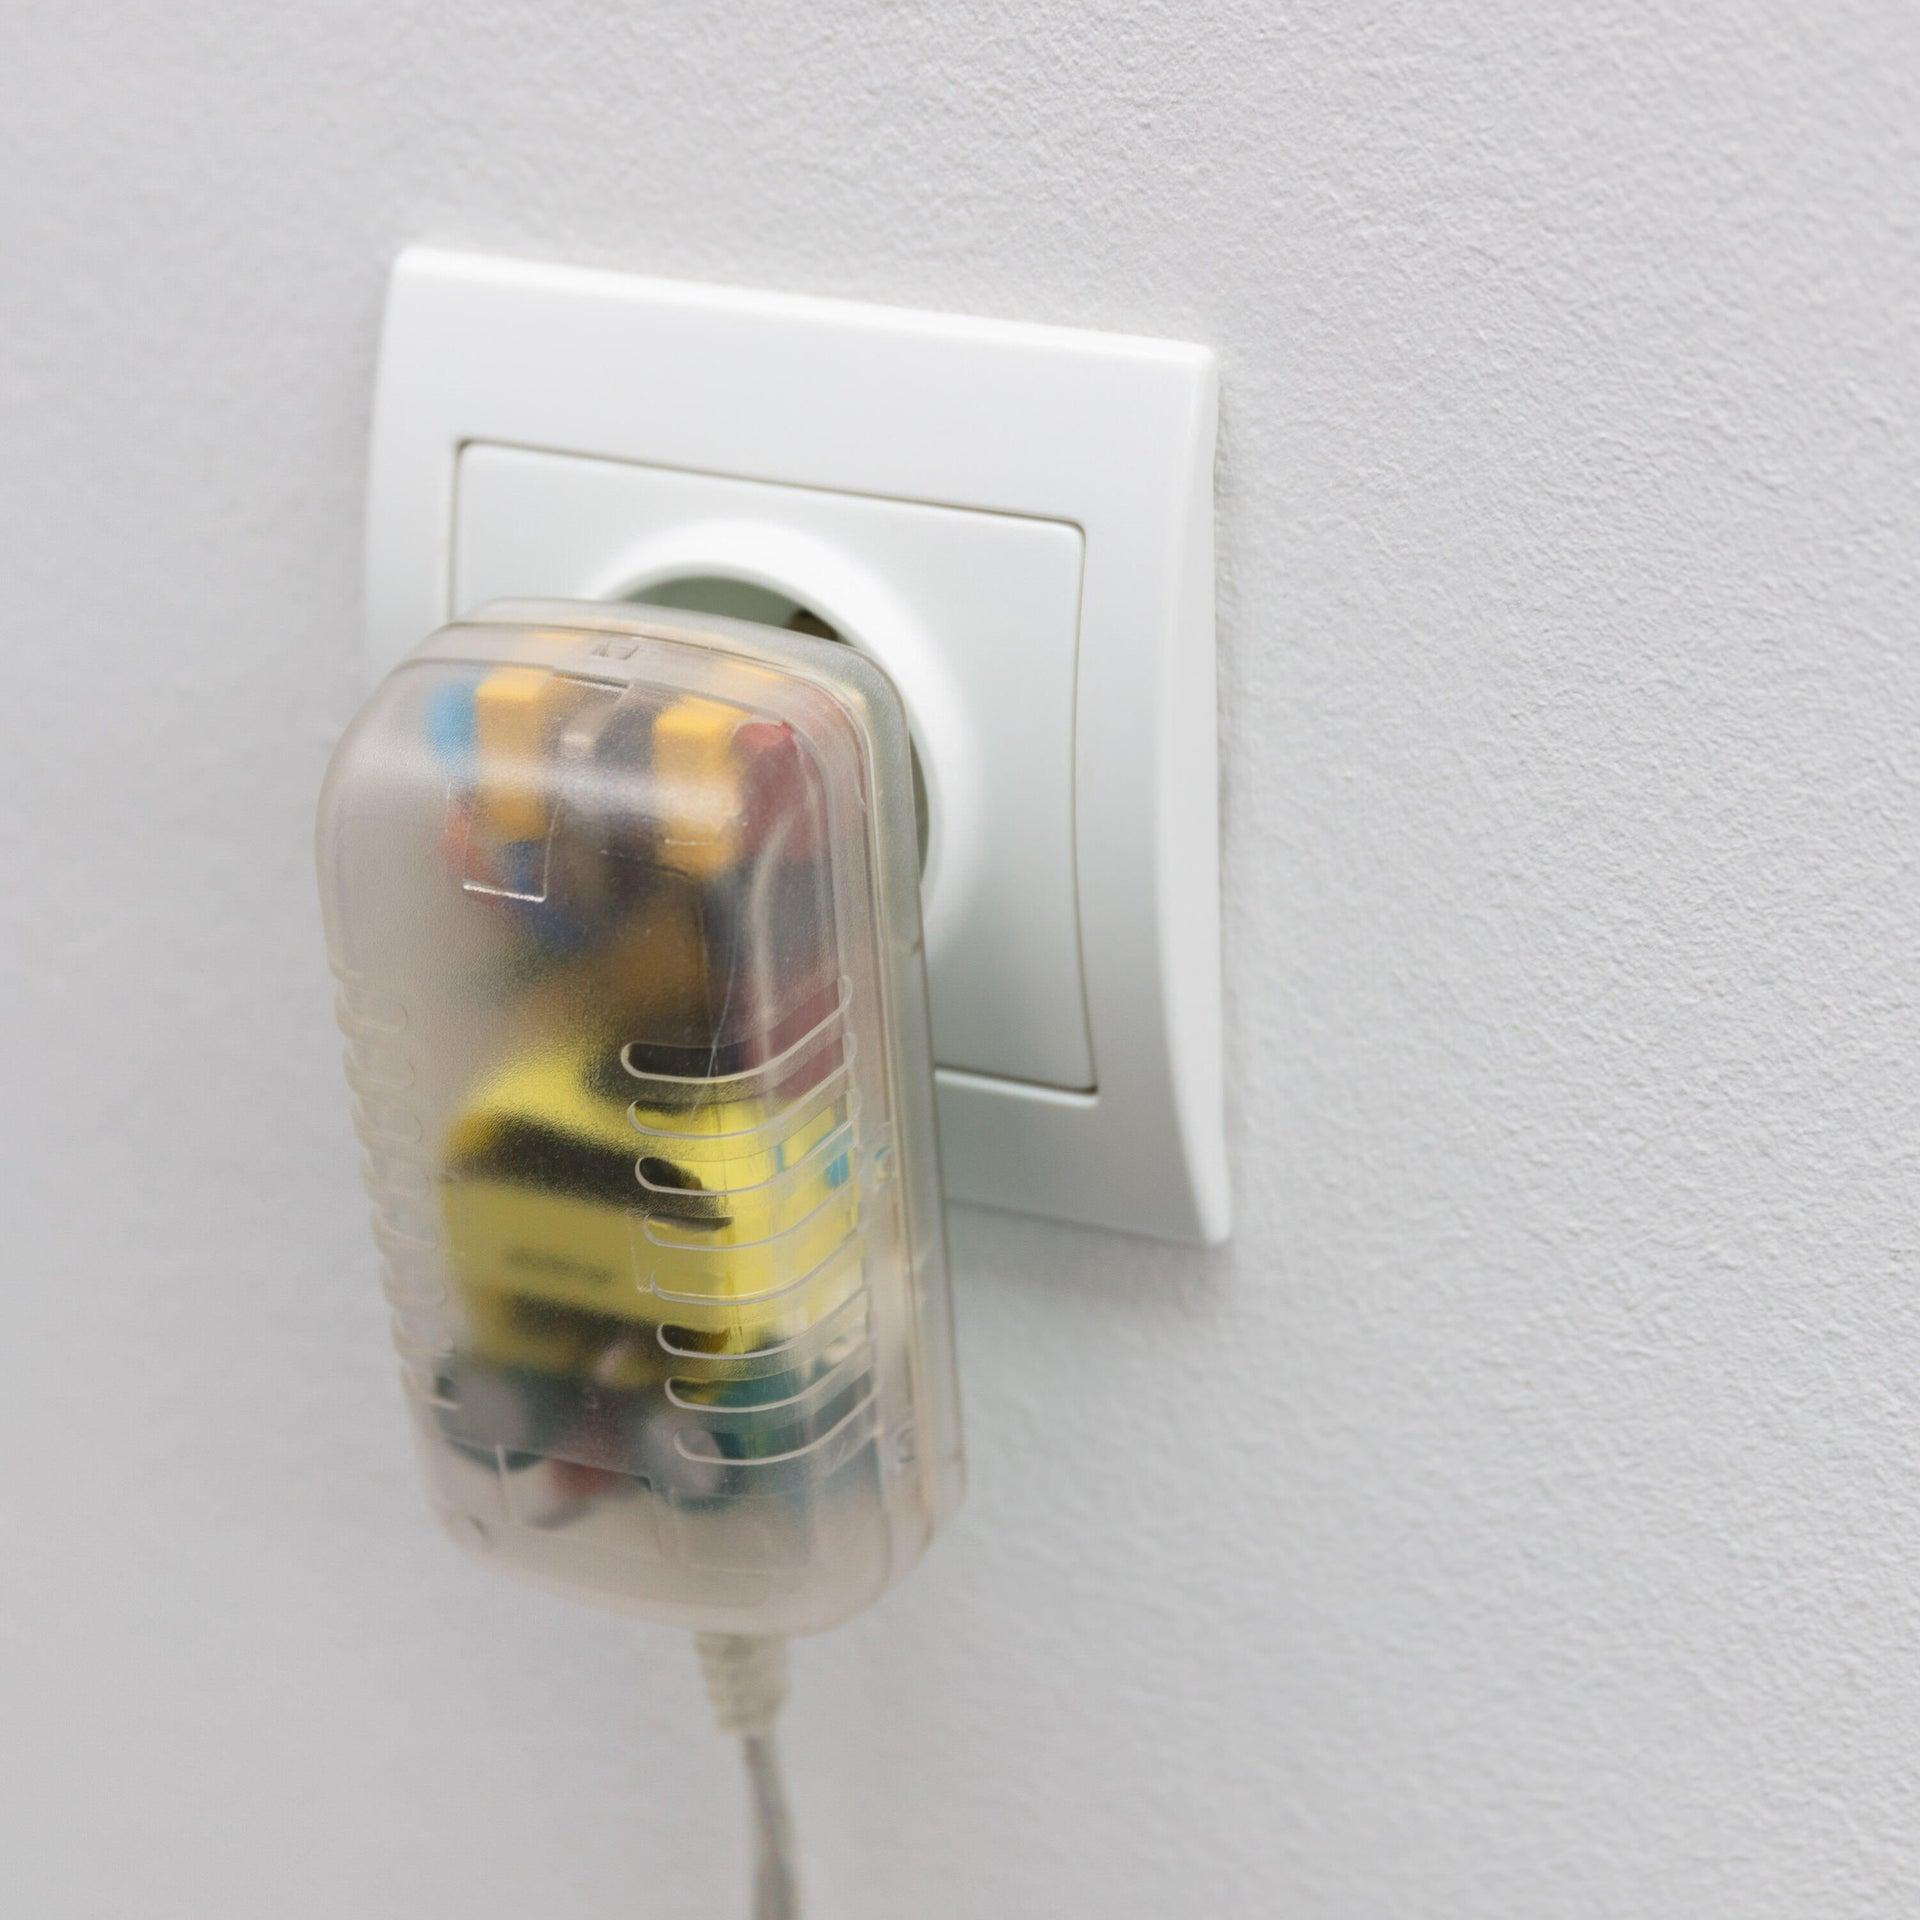 Lampada da terra Truxton cromato, in metallo, H146cm LED integrato INSPIRE - 7